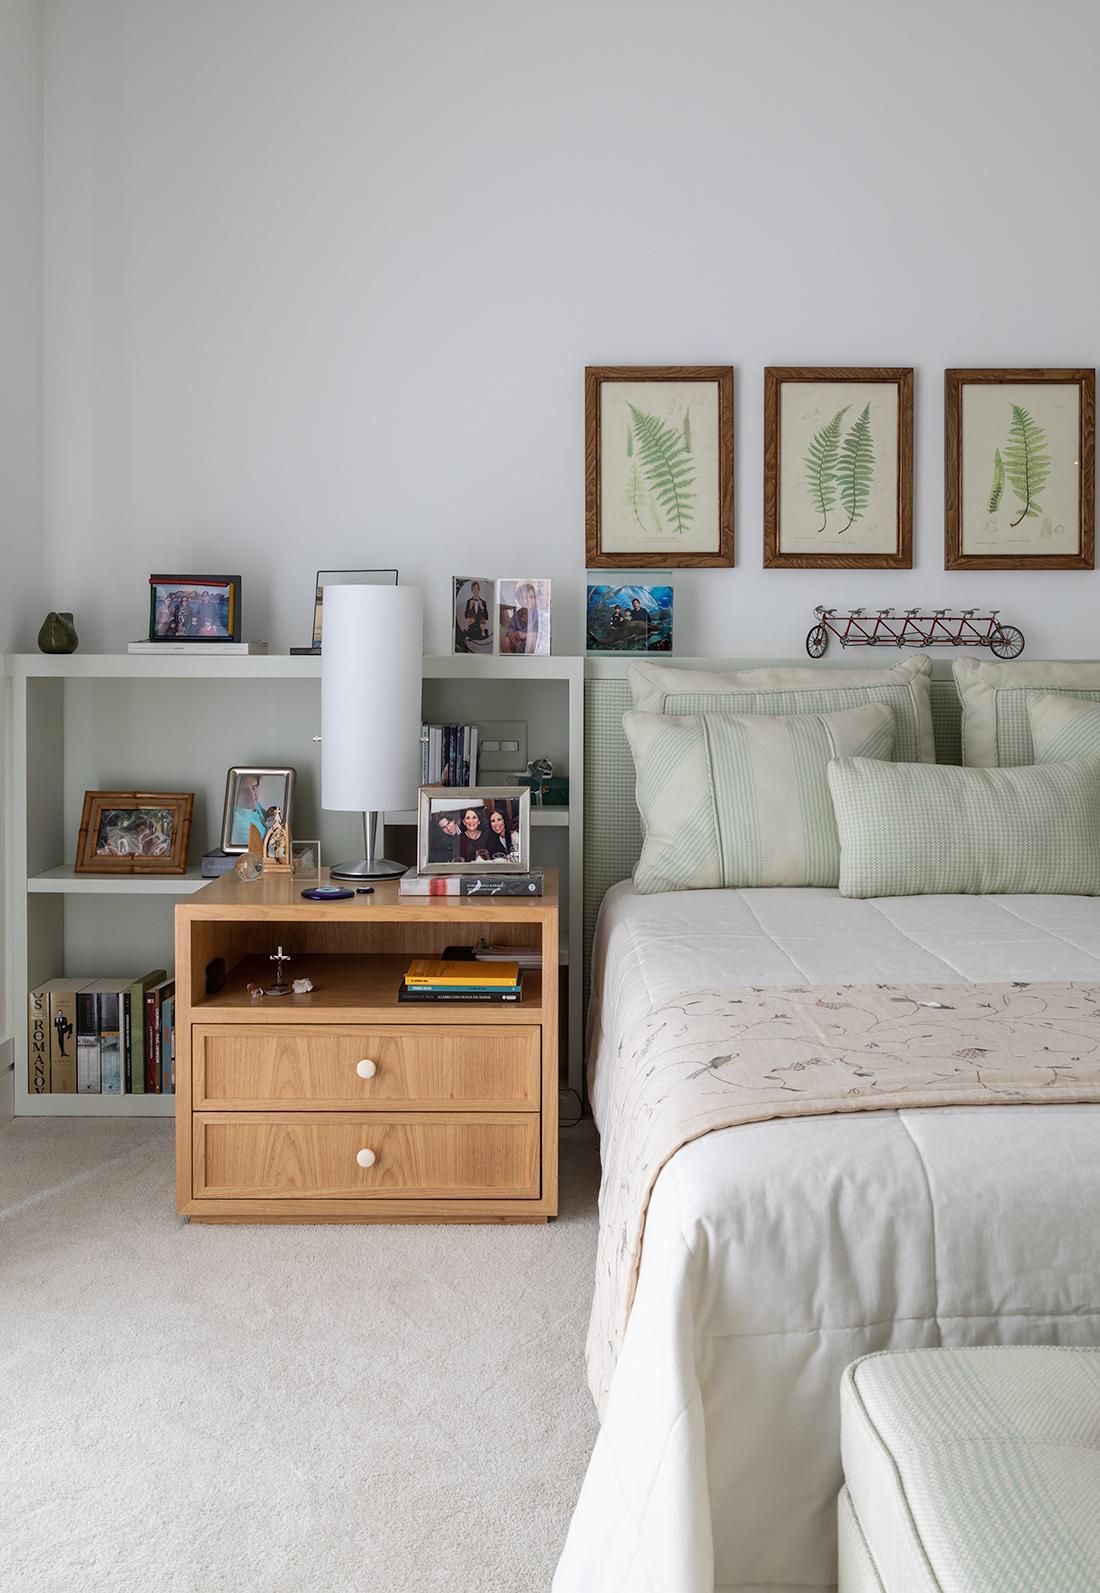 quarto decorado com quadros